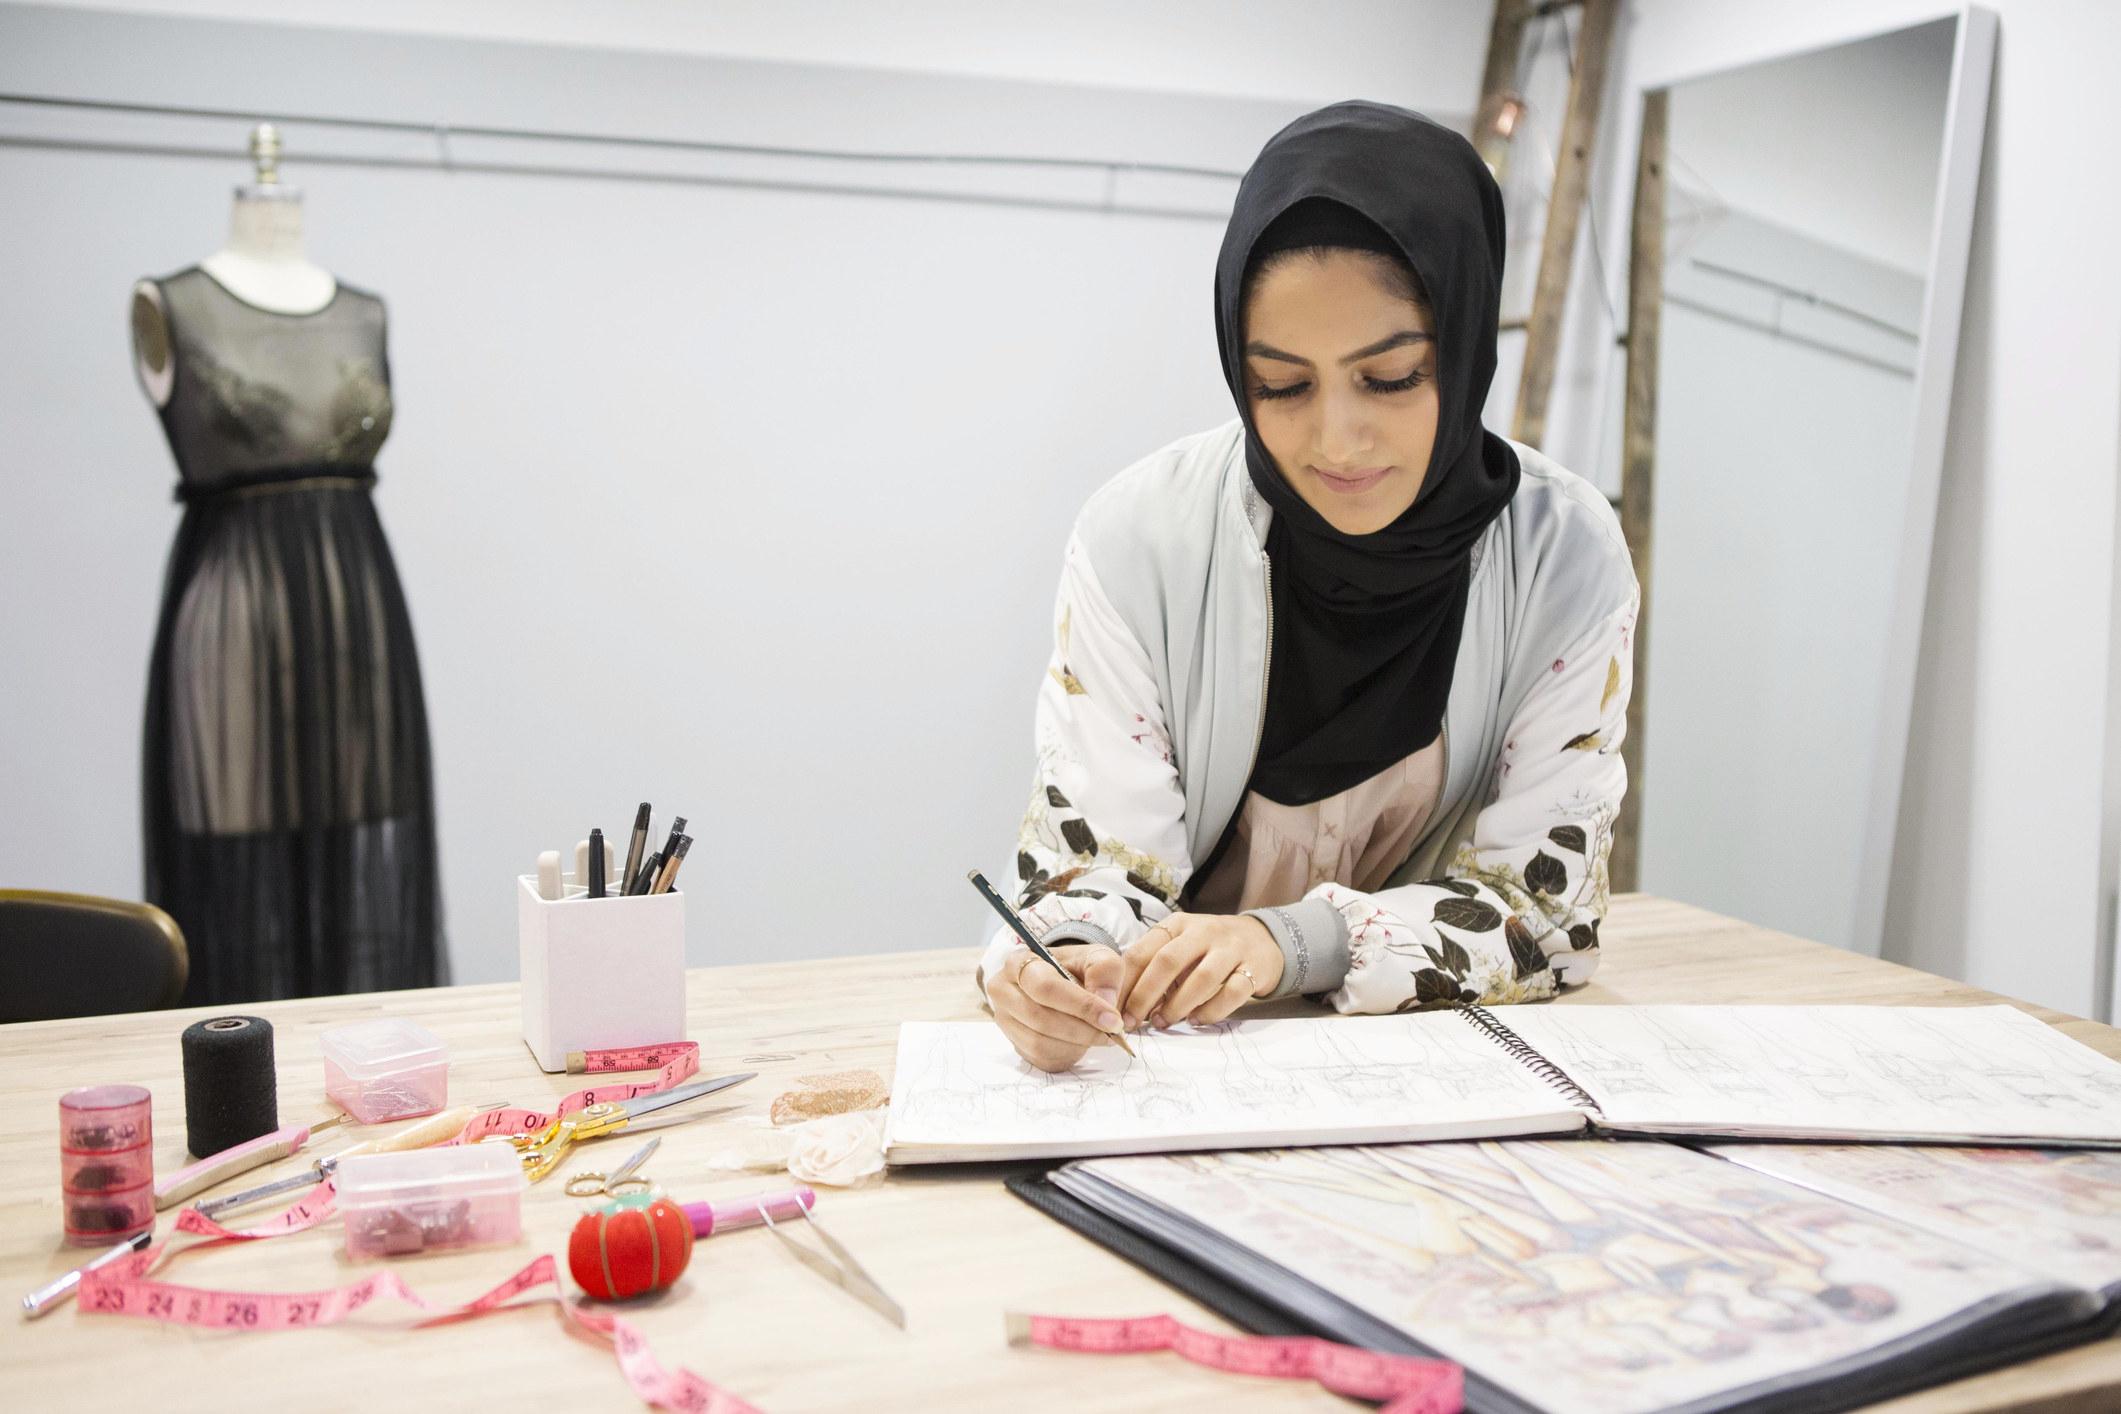 Woman designing fashion